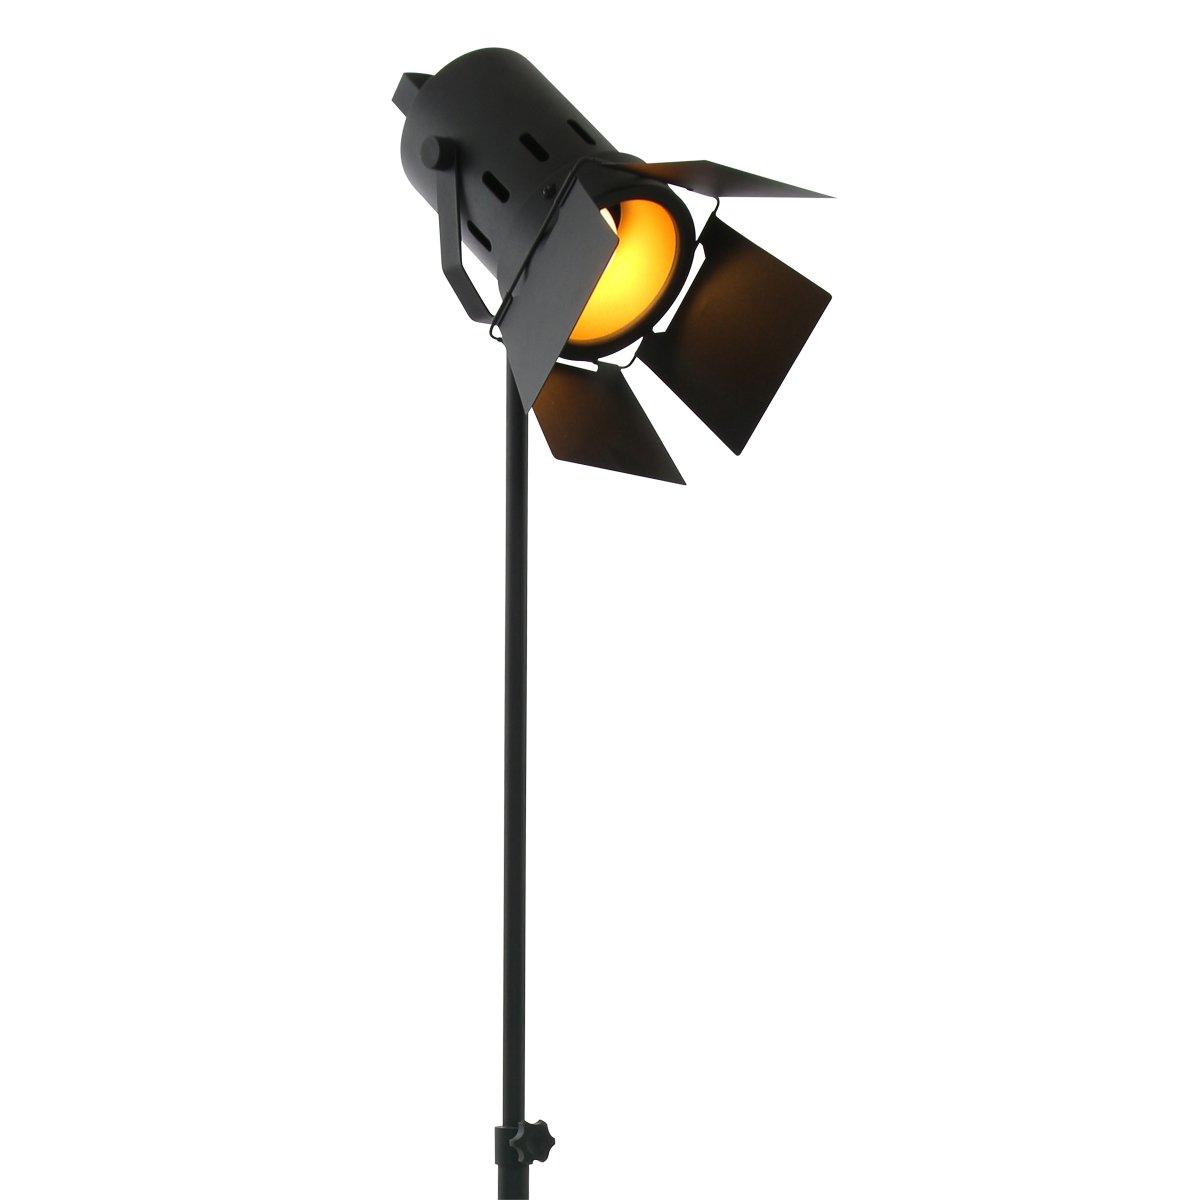 Steinhauer Tripod vloerlamp Mexlite Steinhauer 1577ZW